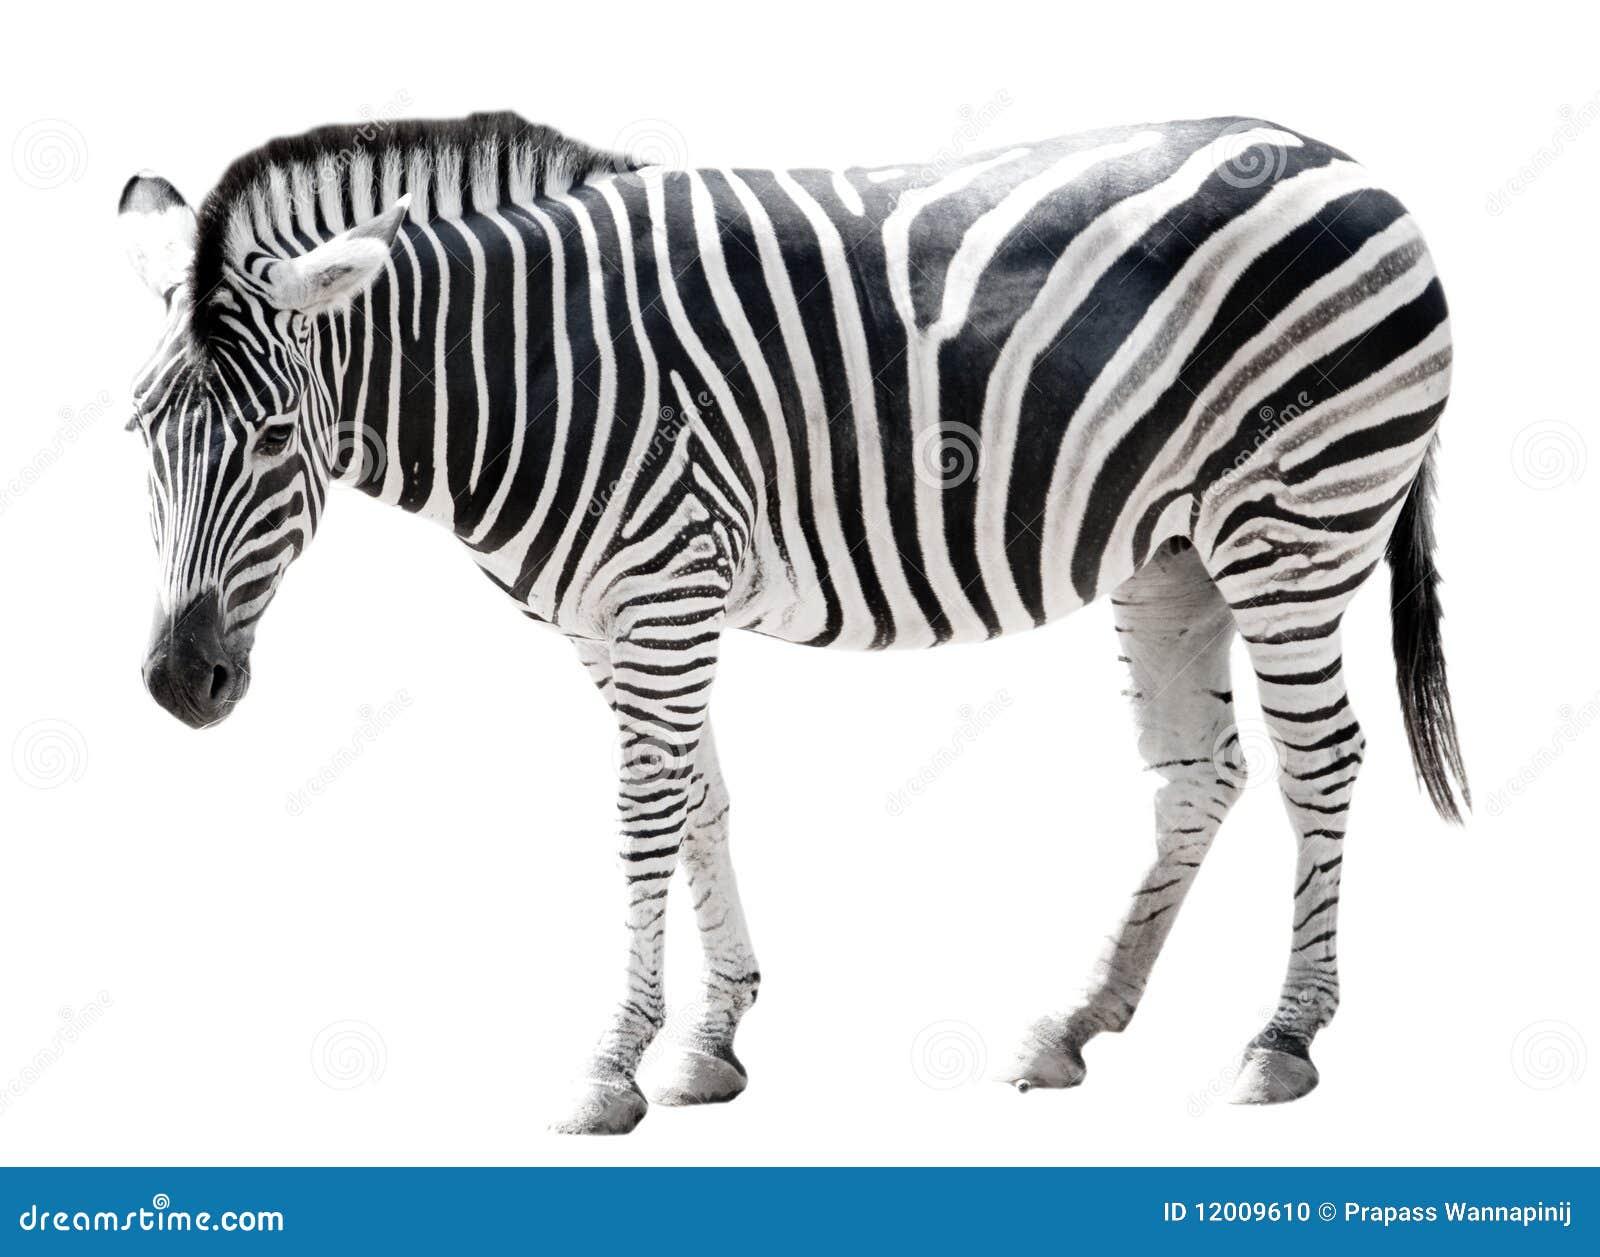 single burchell zebra isolated on white stock photo zebra vector art zebra vector images